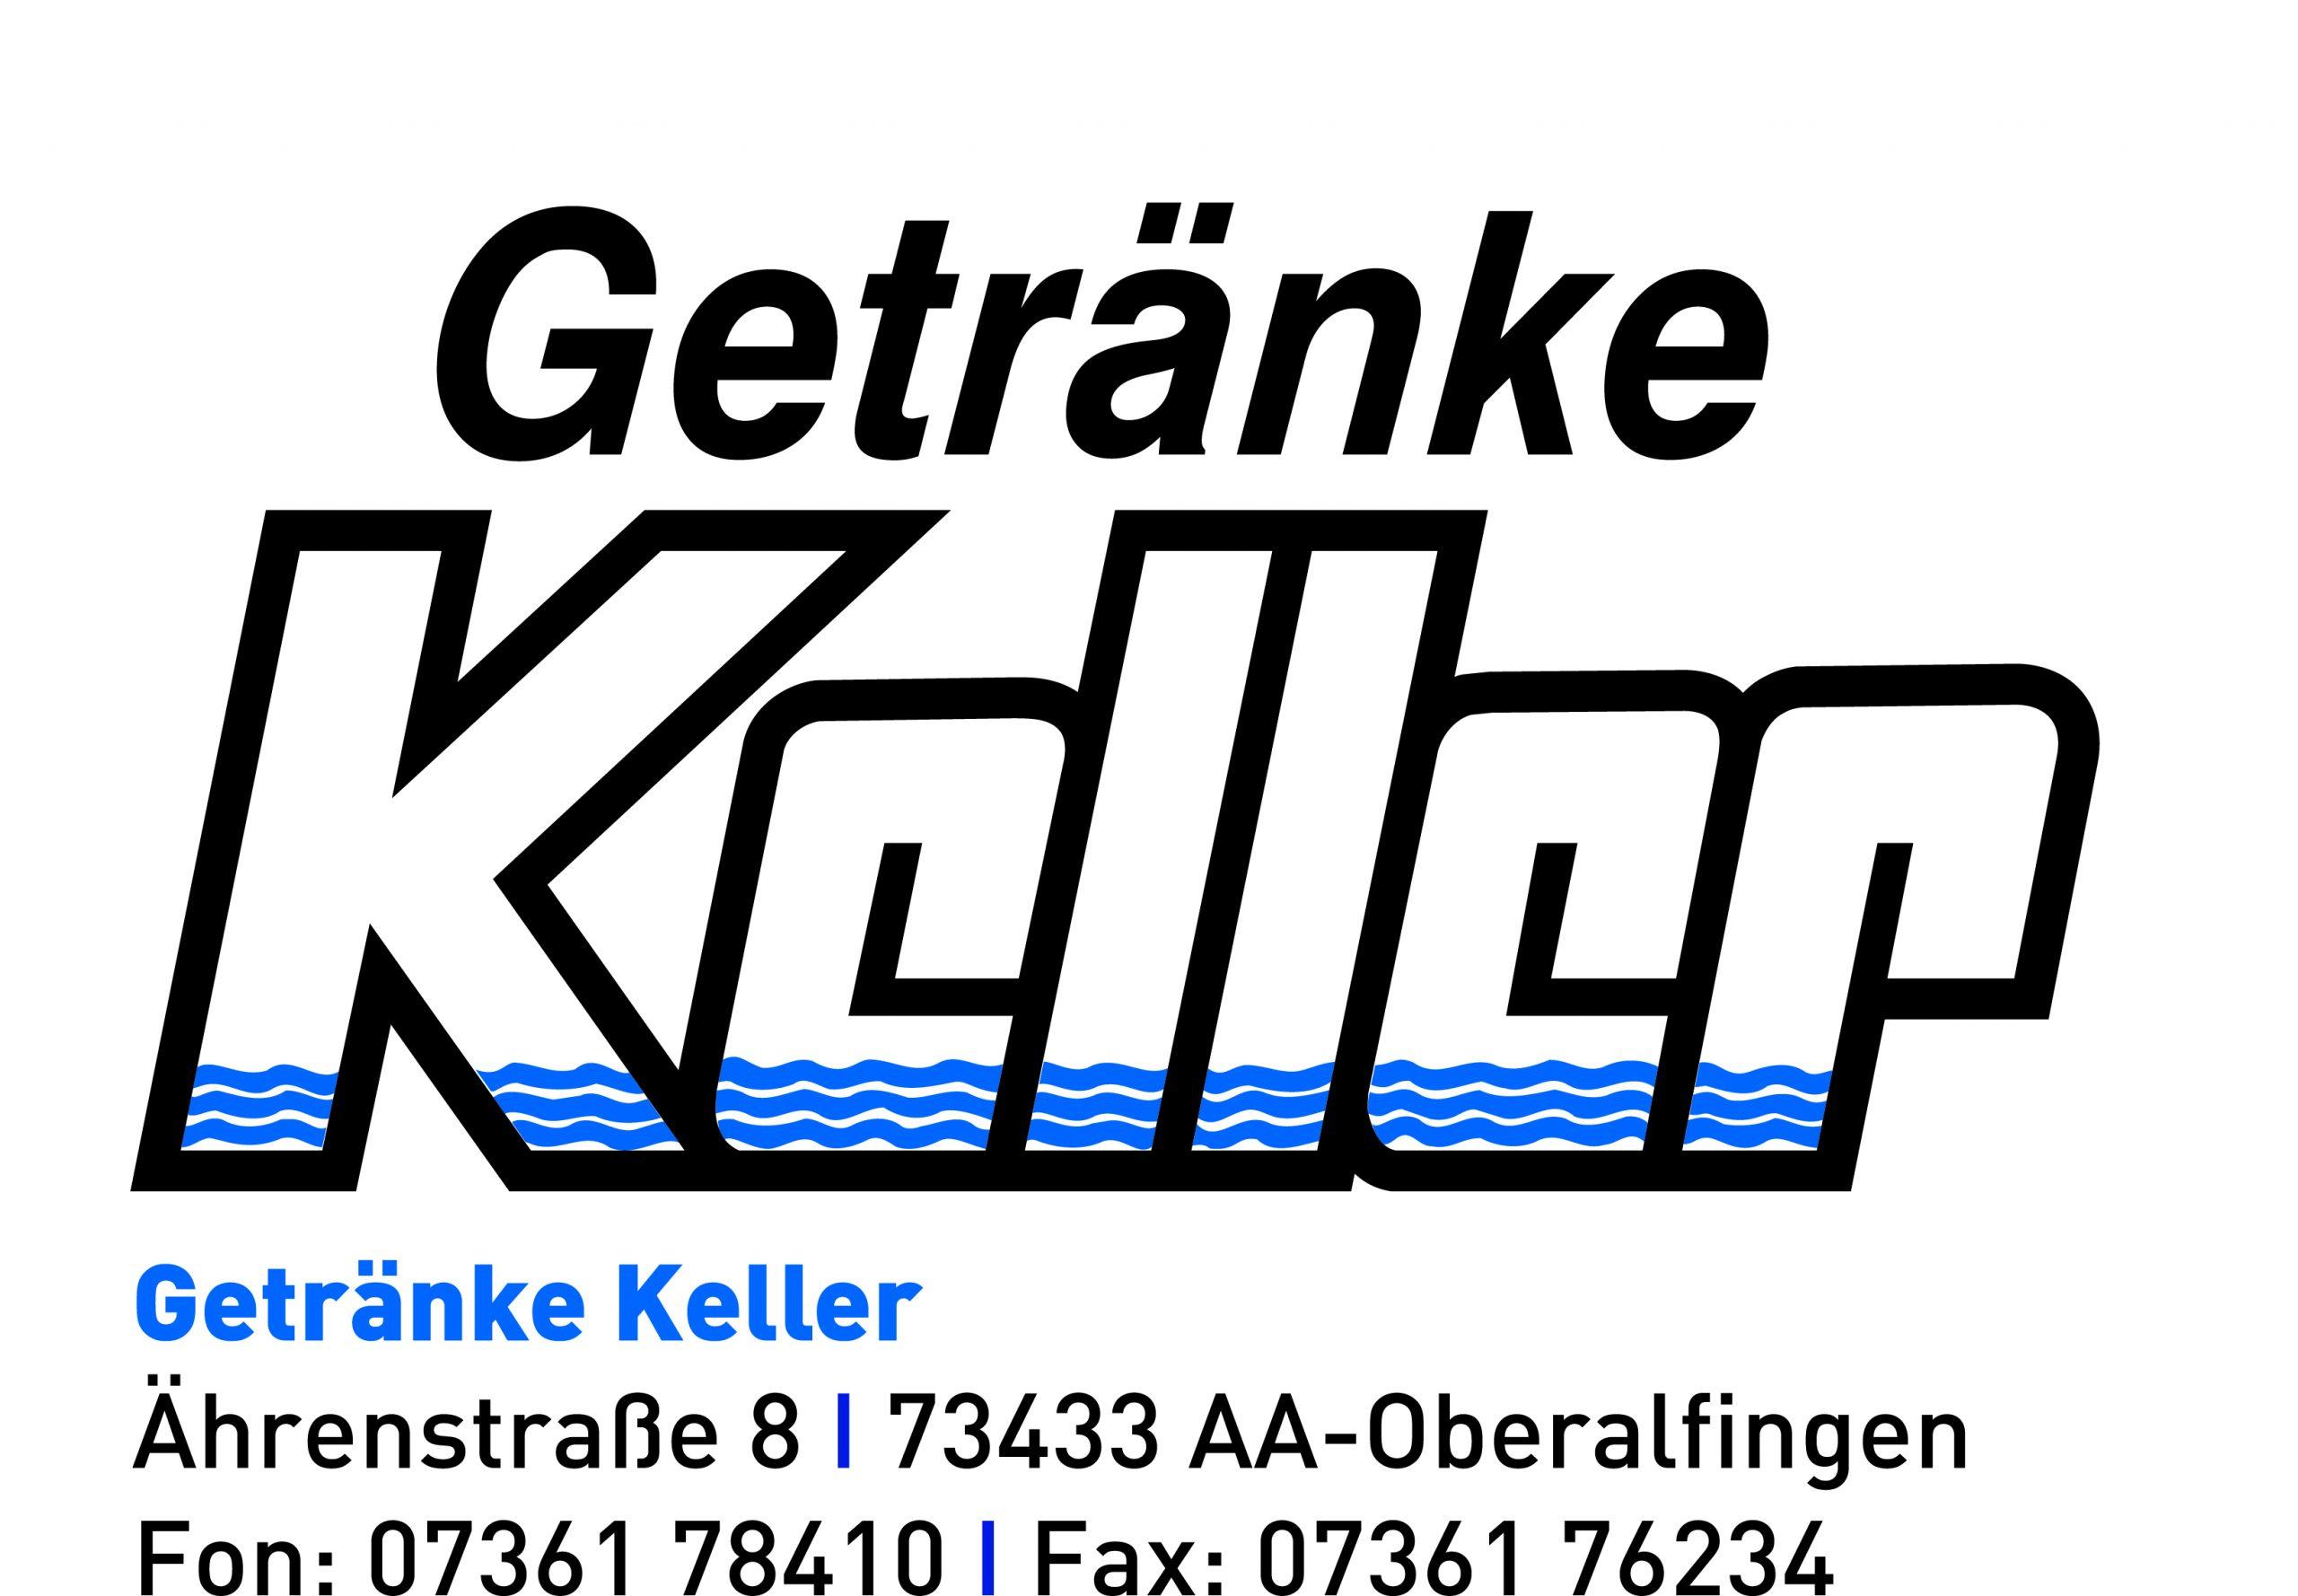 Getränke Keller